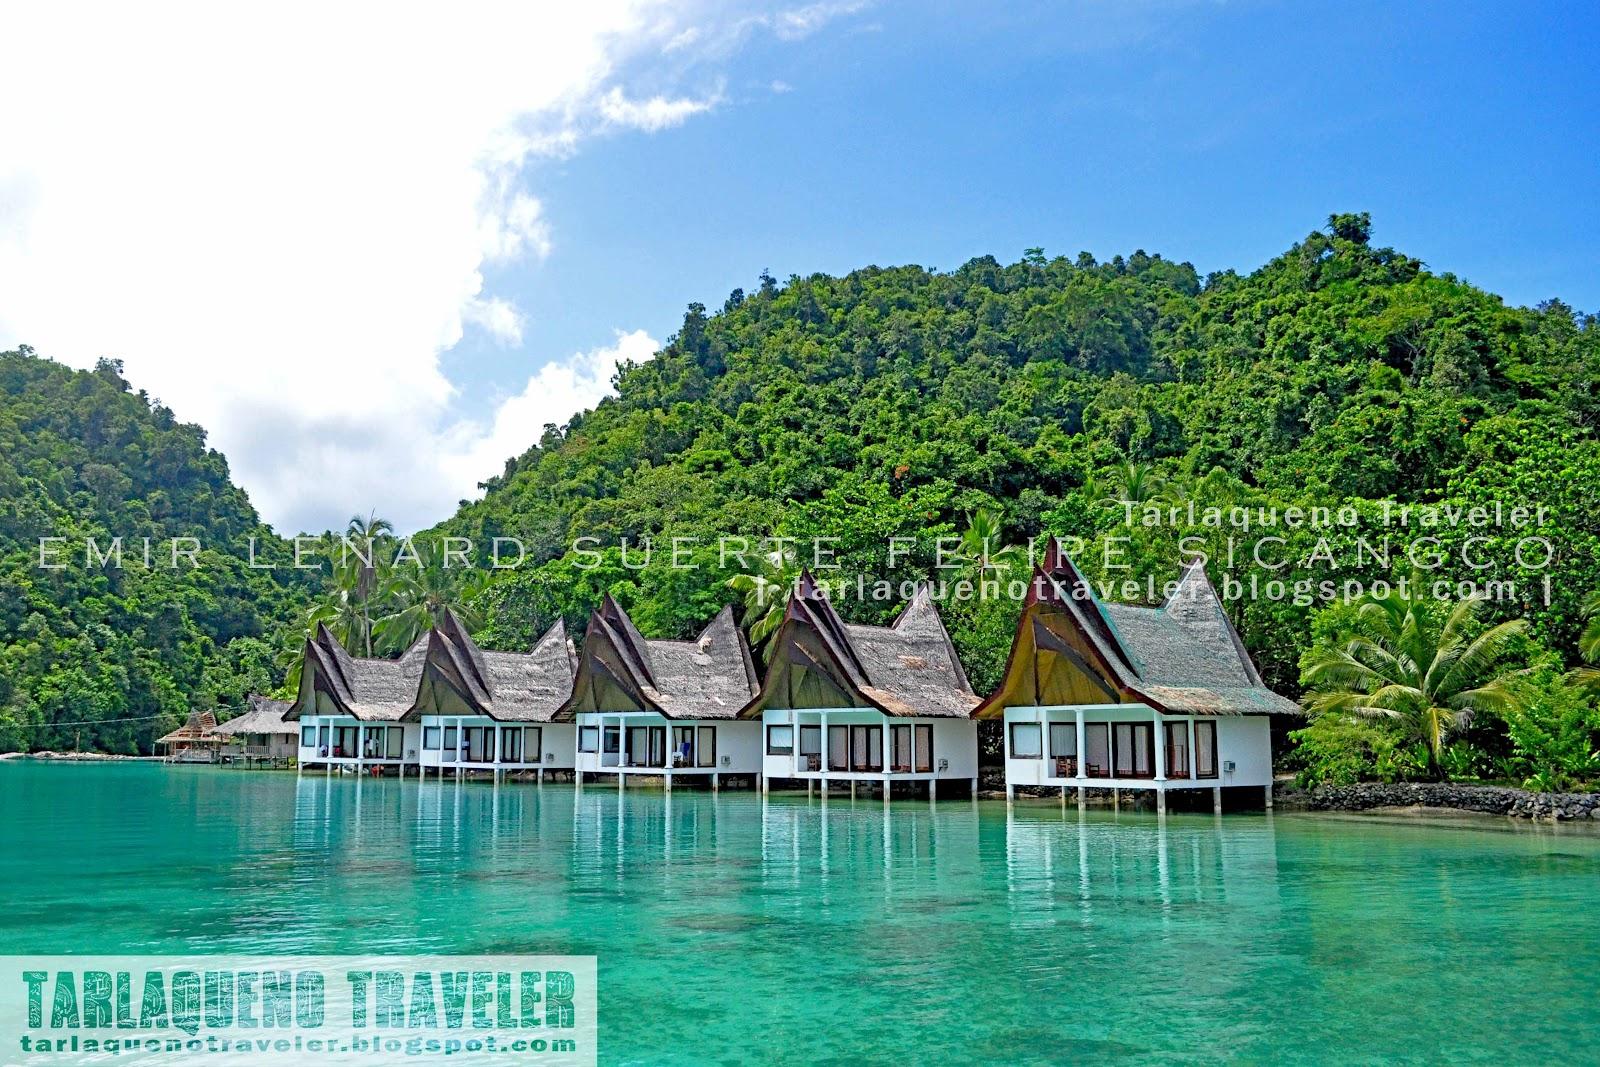 View of Club Tara Resort